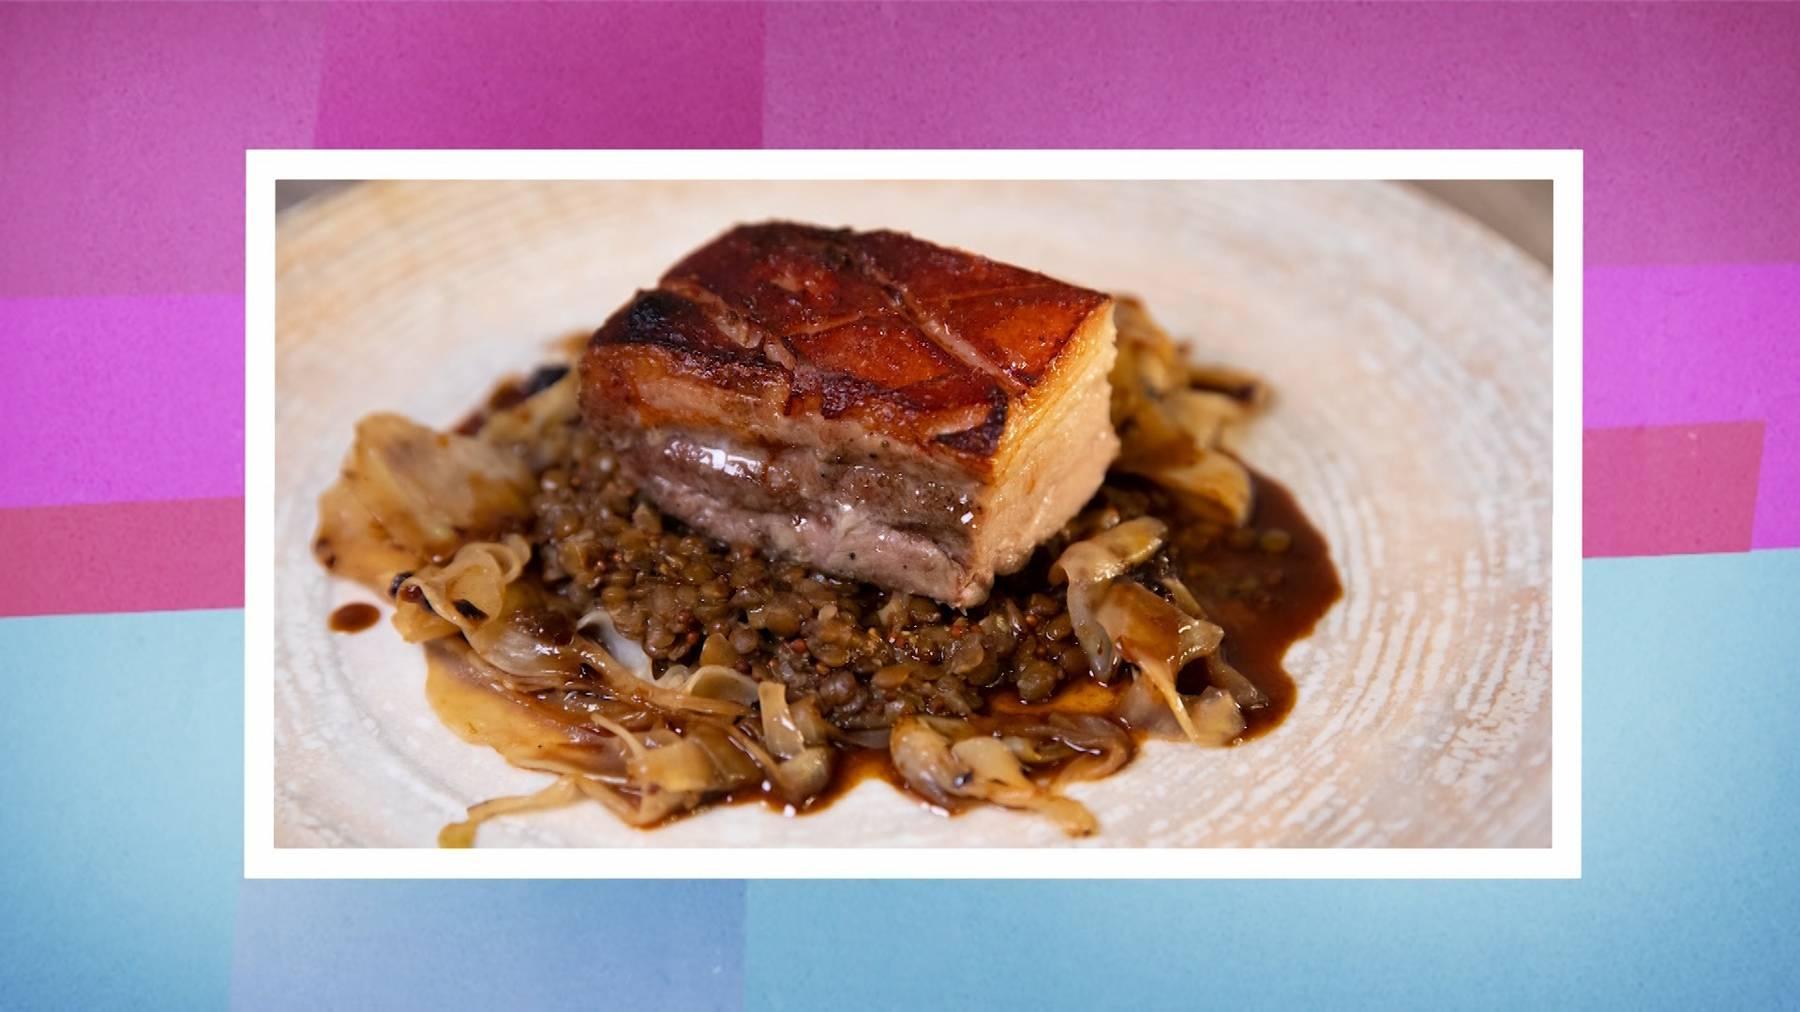 Hauptgang: 30 Stunden gegarter Schweinebauch vom Kräuterschweinli knusprig gebraten mit Ras el Hanout Fenchel mit Vanille-Ahorn-Sirup und würzigen Senflinsen